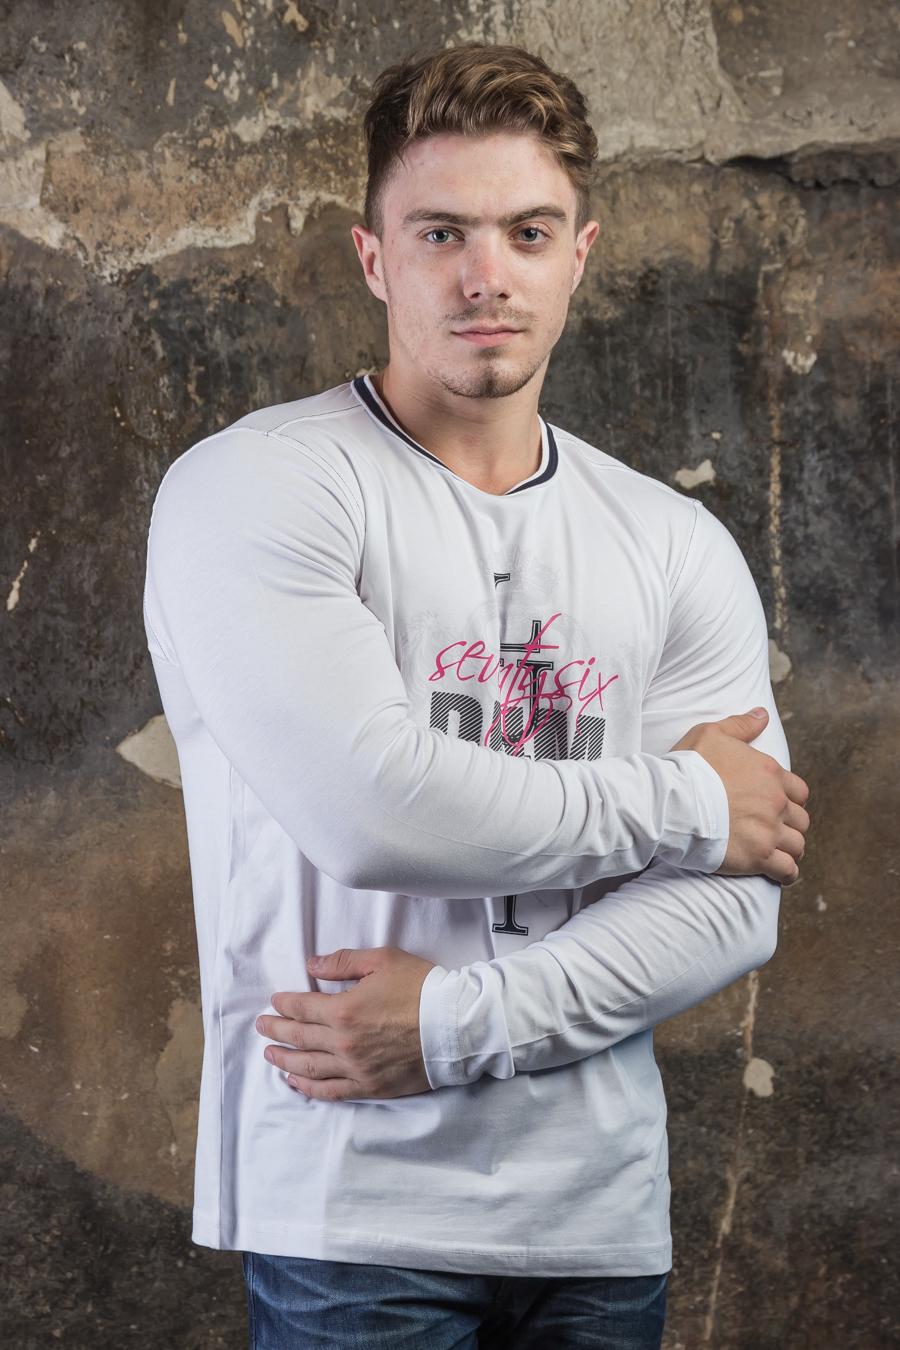 Сбор заказов. Tamkosib- молодежная мужская одежда по очень приятным ценам. Огромный выбор футболок, толстовок, рубашек (Турция). Размеры 46-62. Бронирую. Без рядов